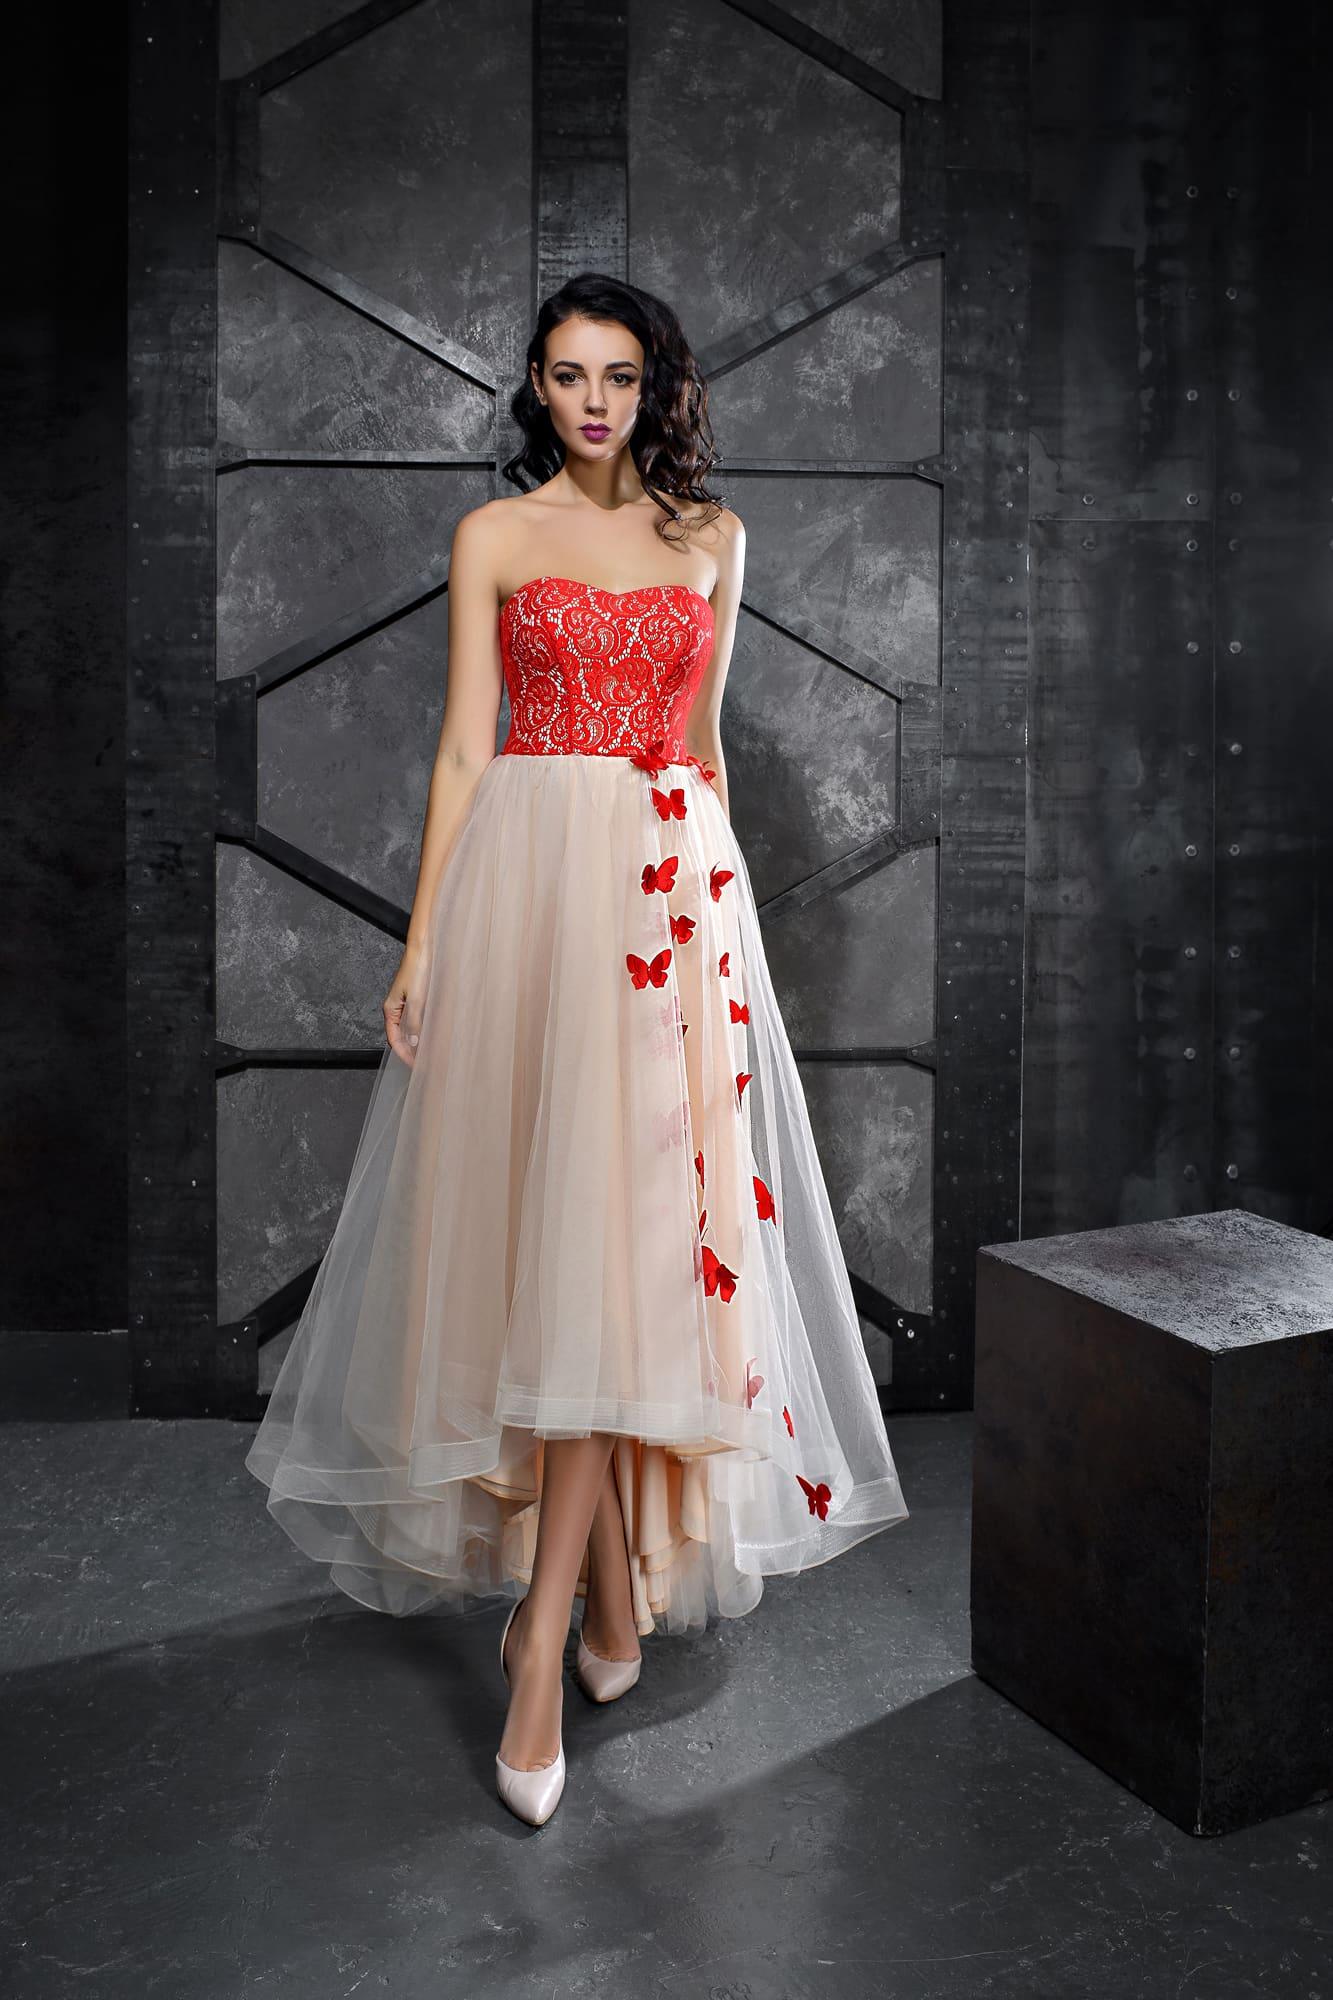 887c6925477 Укороченное спереди платье Kira Nova Агнесса ▷ Свадебный Торговый ...